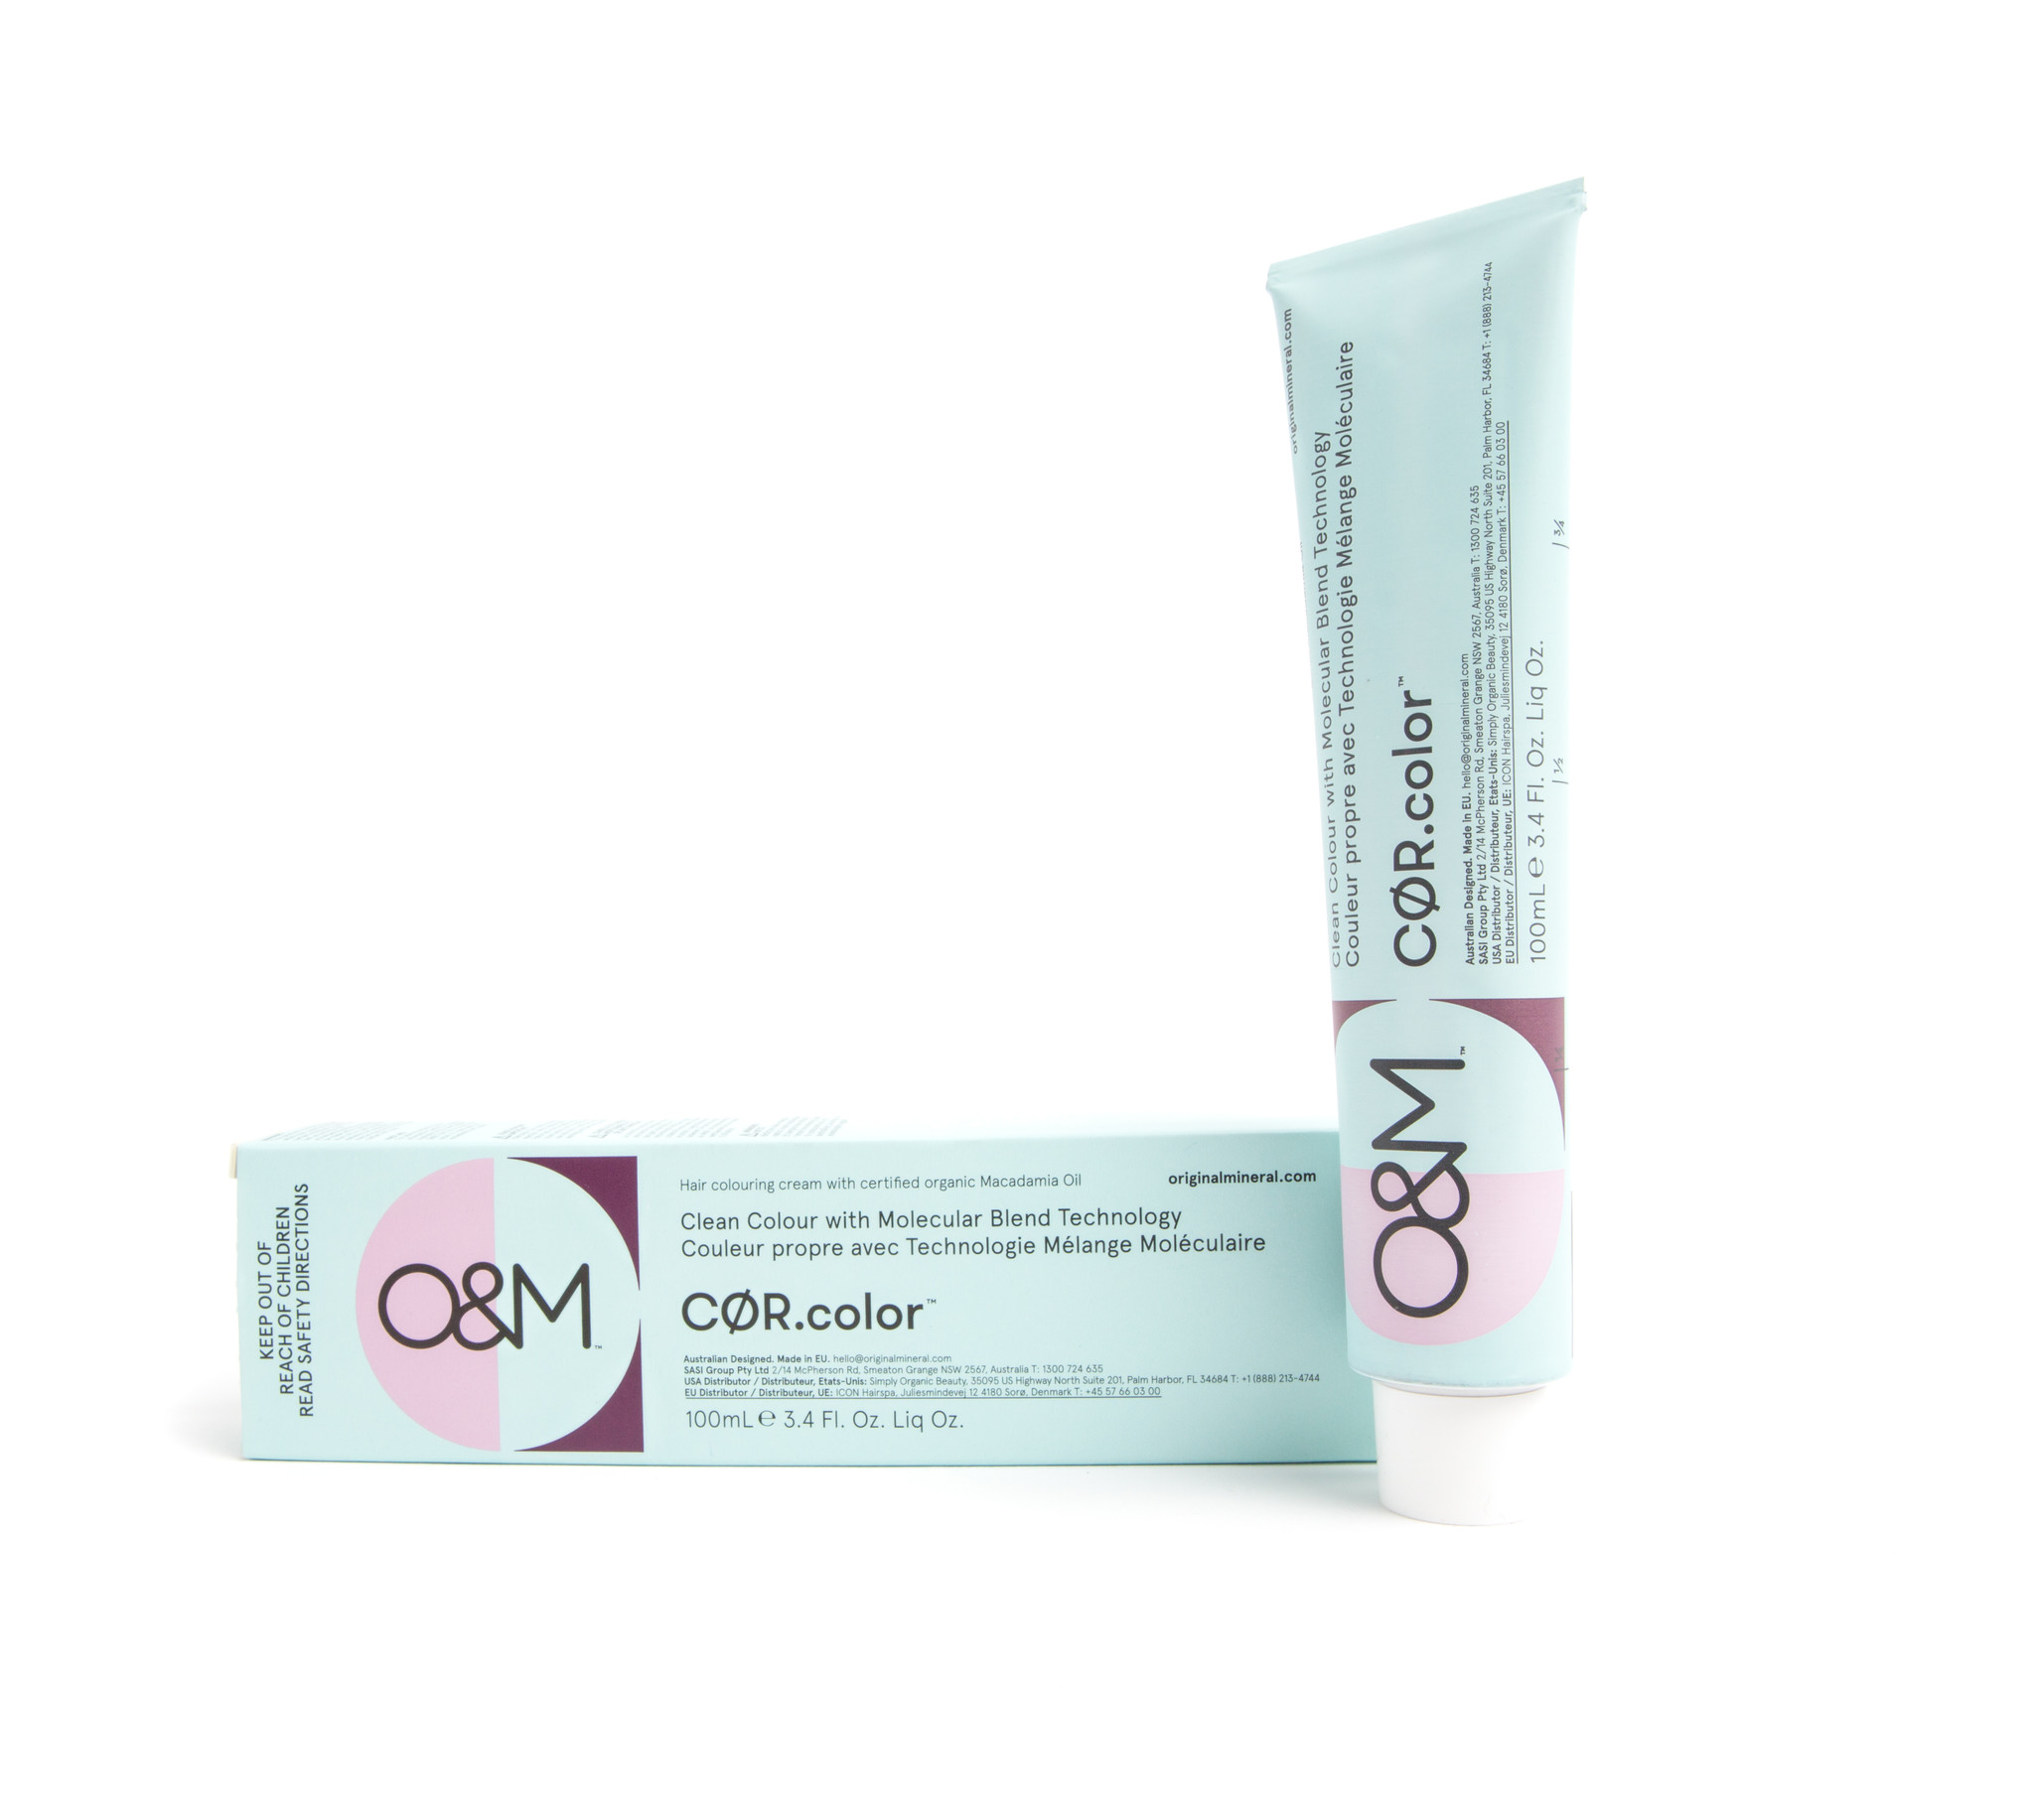 O&M - Original Mineral O&M CØR.color cool.beige - Cool Beige Light Brown  5.13 100g